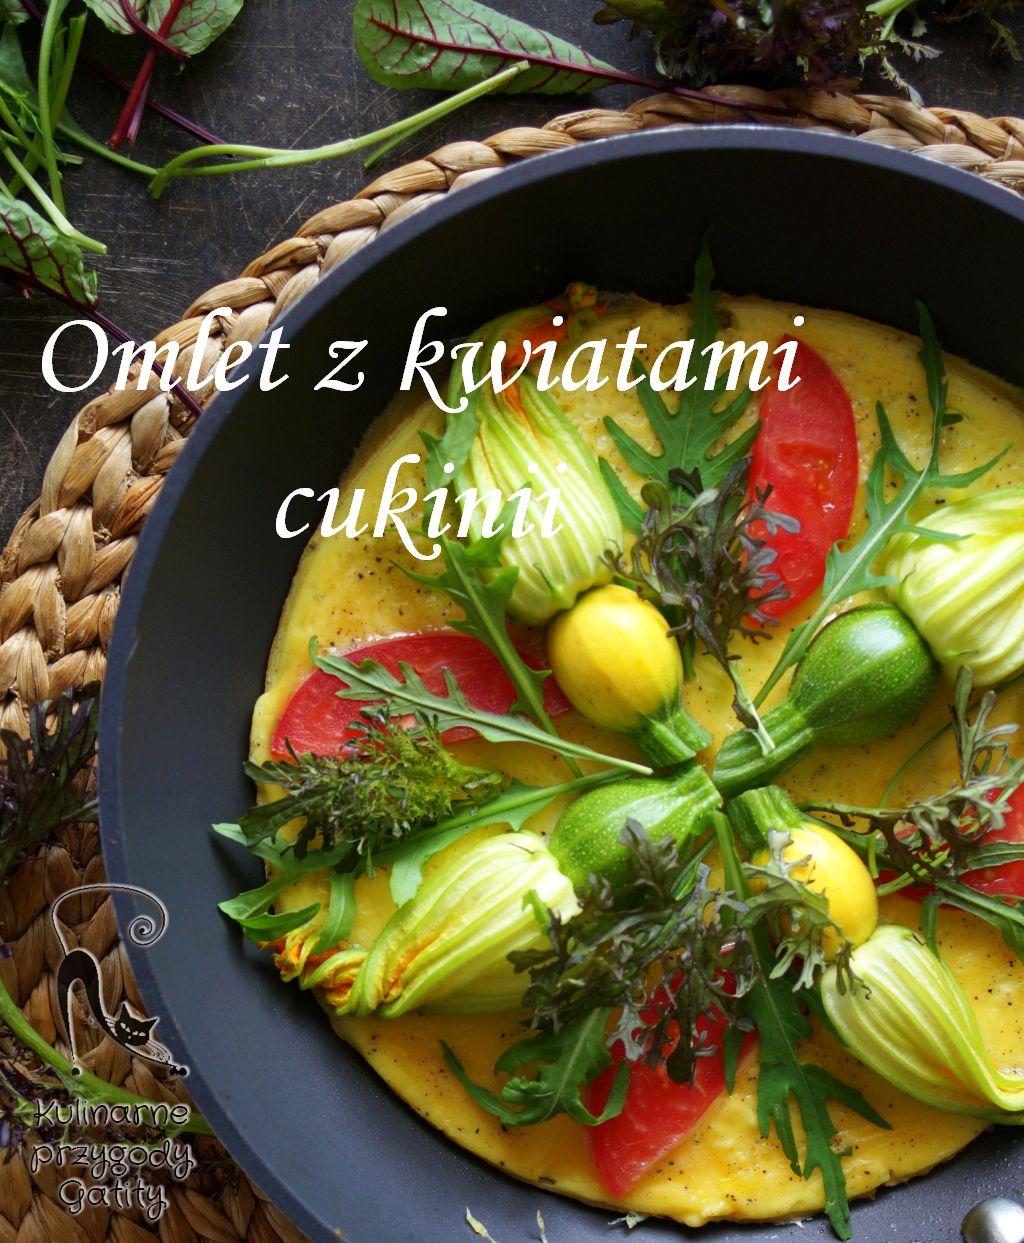 omlety-z-warzywami-na-patelni